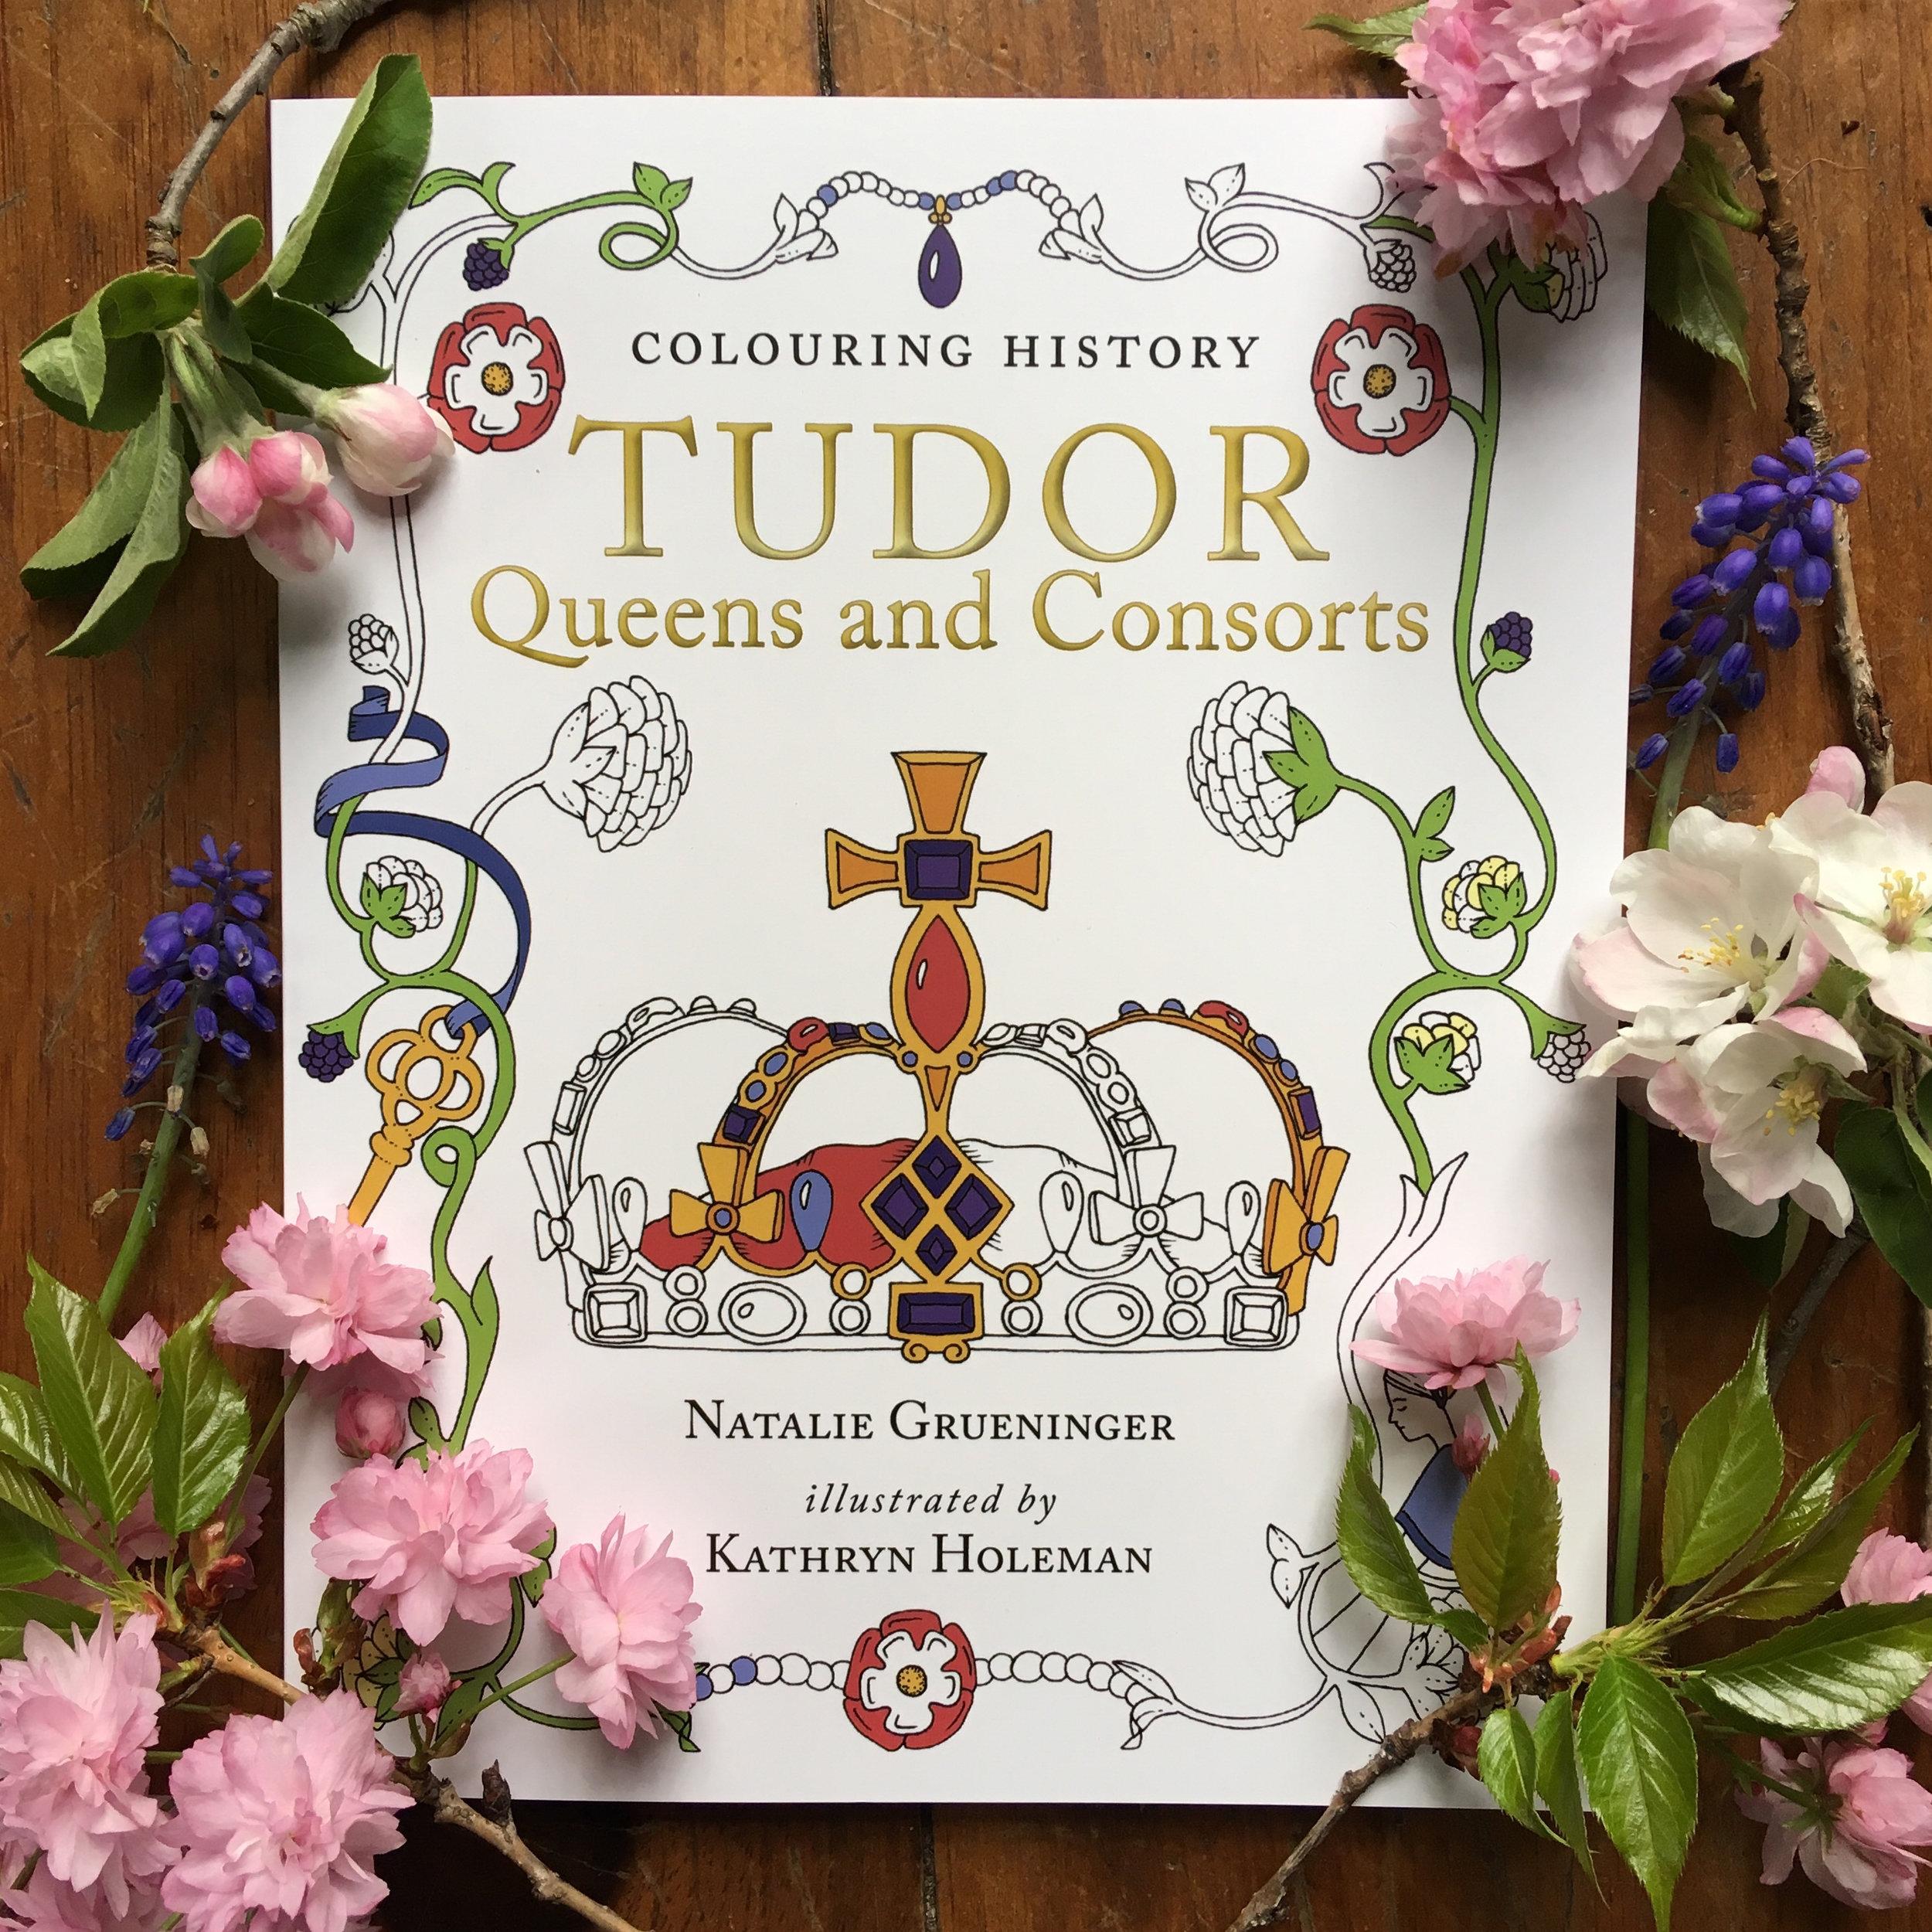 Tudor Queens and Consorts